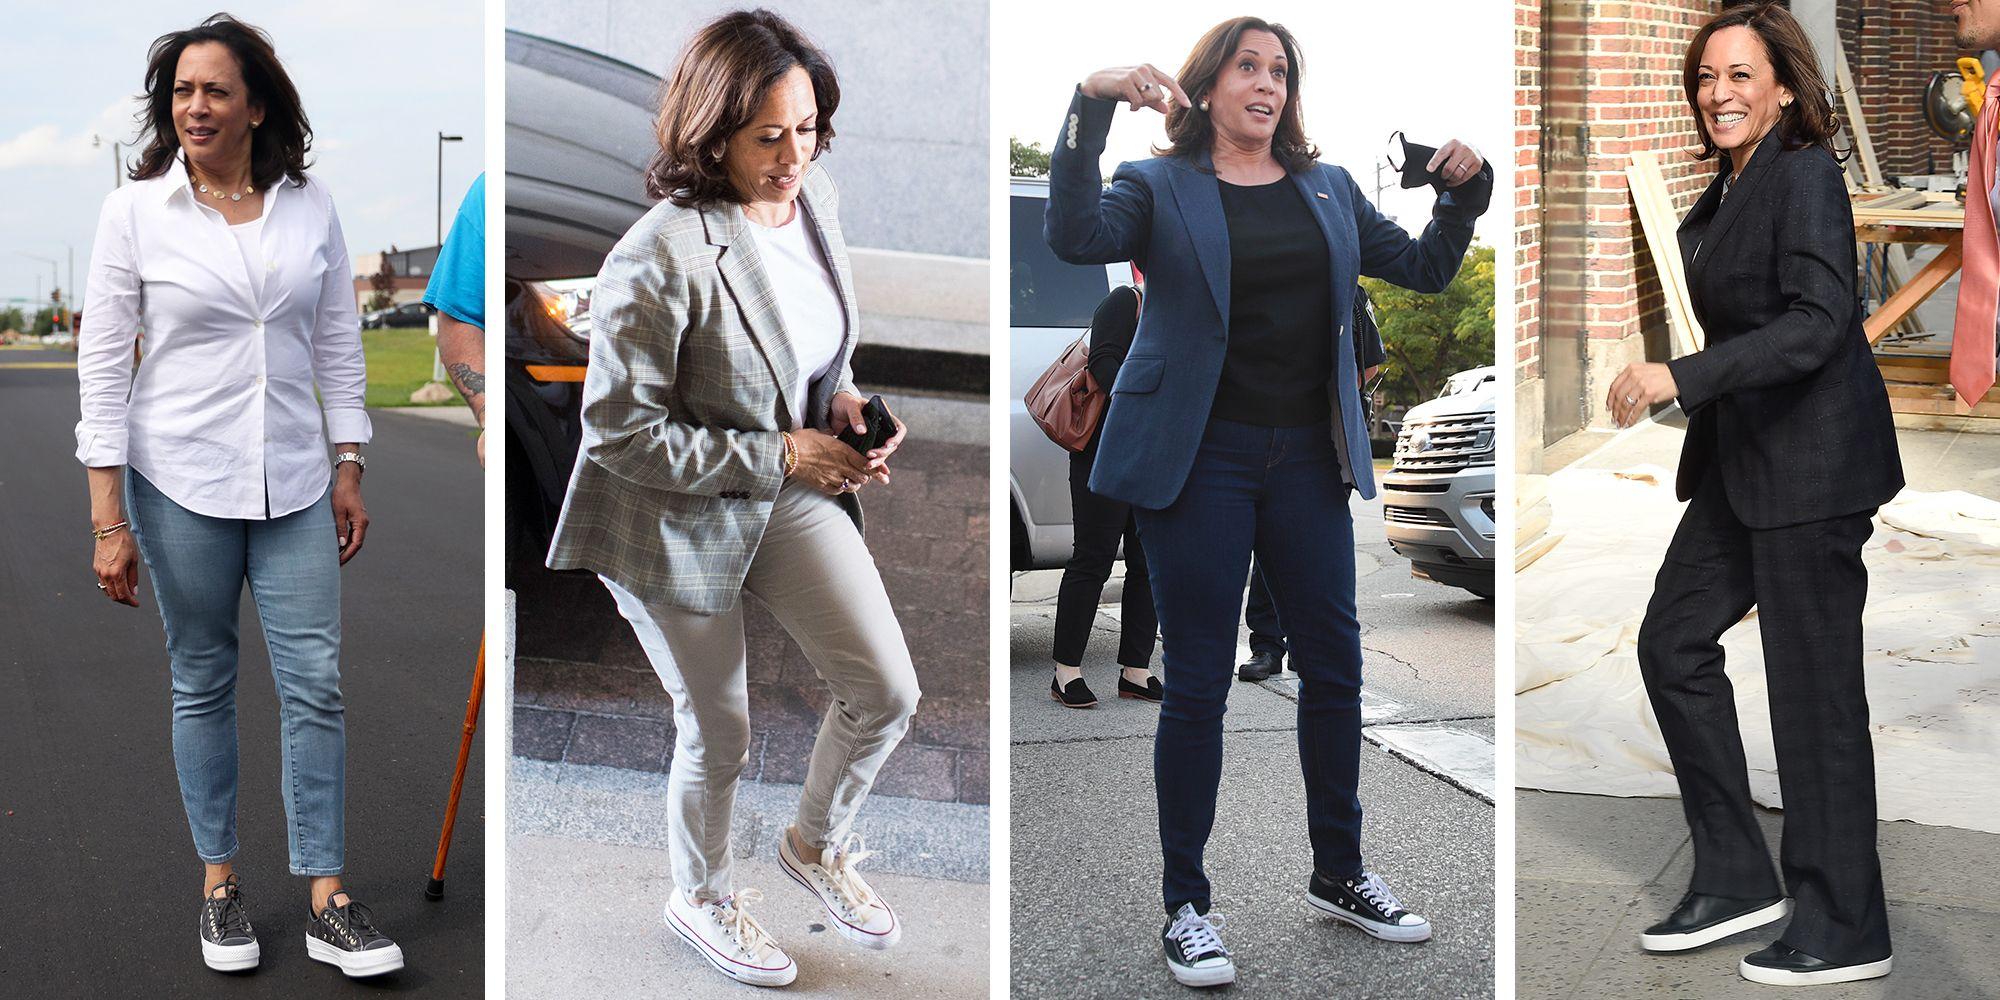 """Nữ phó Tổng thống Mỹ đầu tiên trong lịch sử: Từng bộ suit đều có """"ý nghĩa"""" riêng, U60 vẫn đi sneakers nhưng sâu xa  - Ảnh 6."""